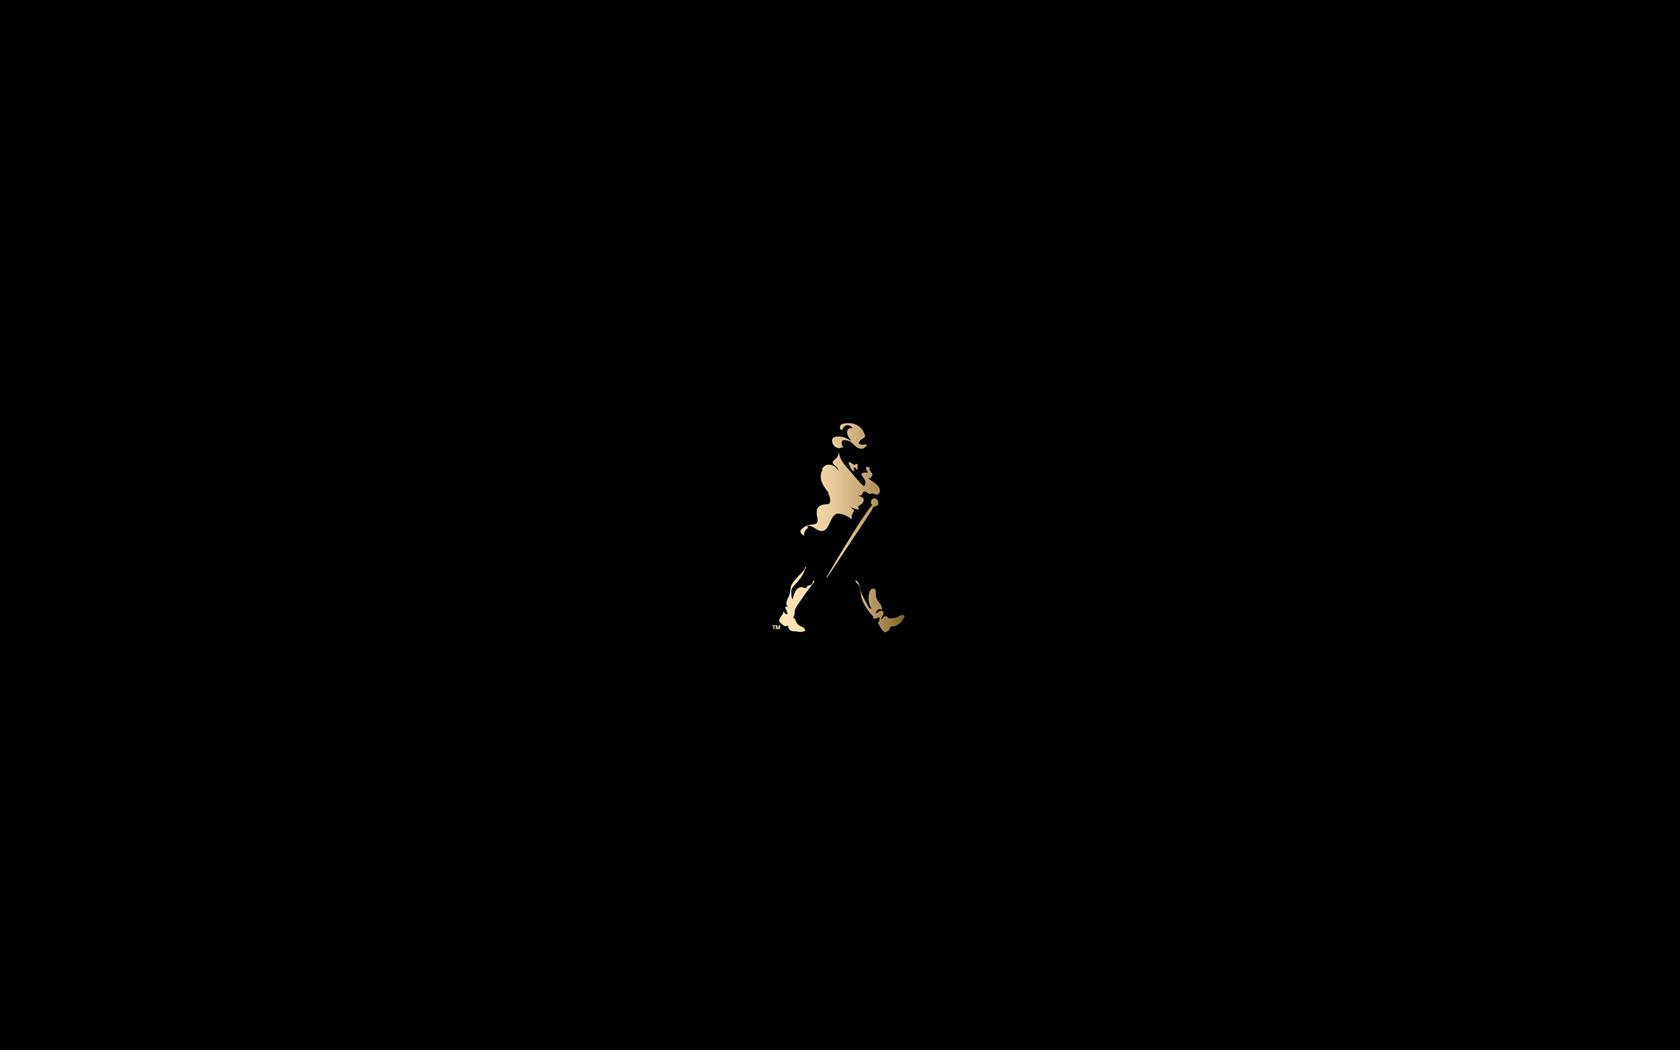 Walker PNG HD - 124708